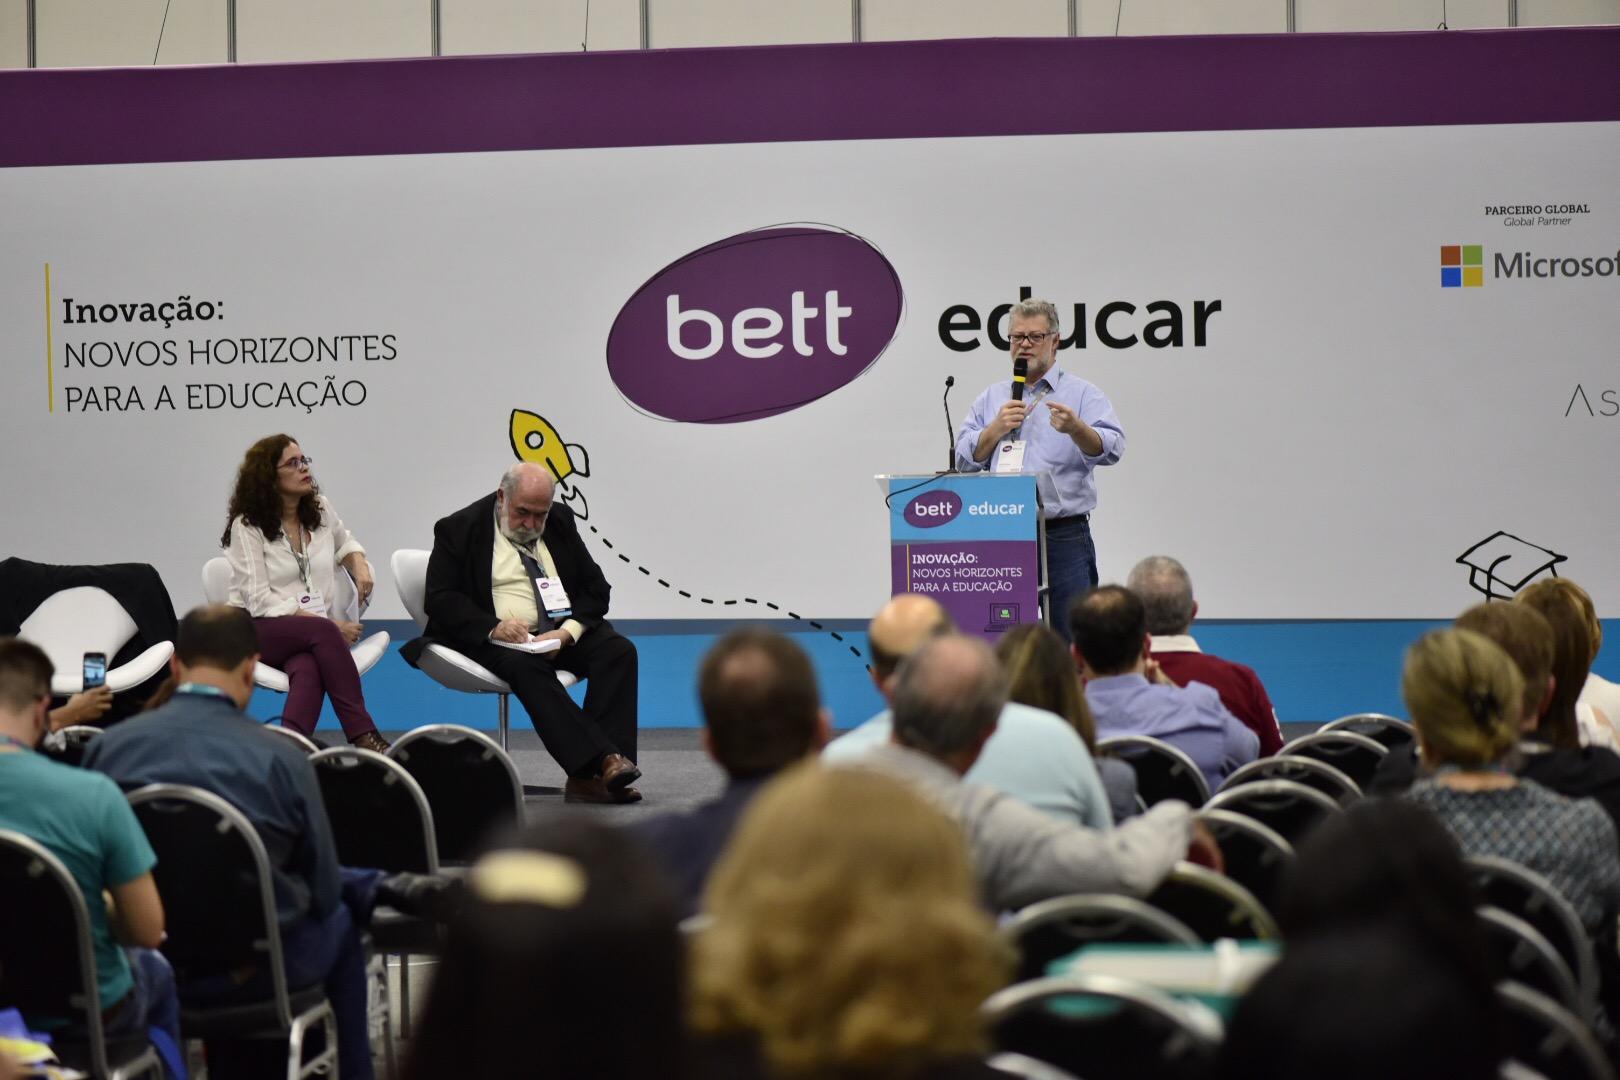 Jornalistas debatem a cobertura educacional durante o evento Bett Educar (Crédito: Gustavo Morita)